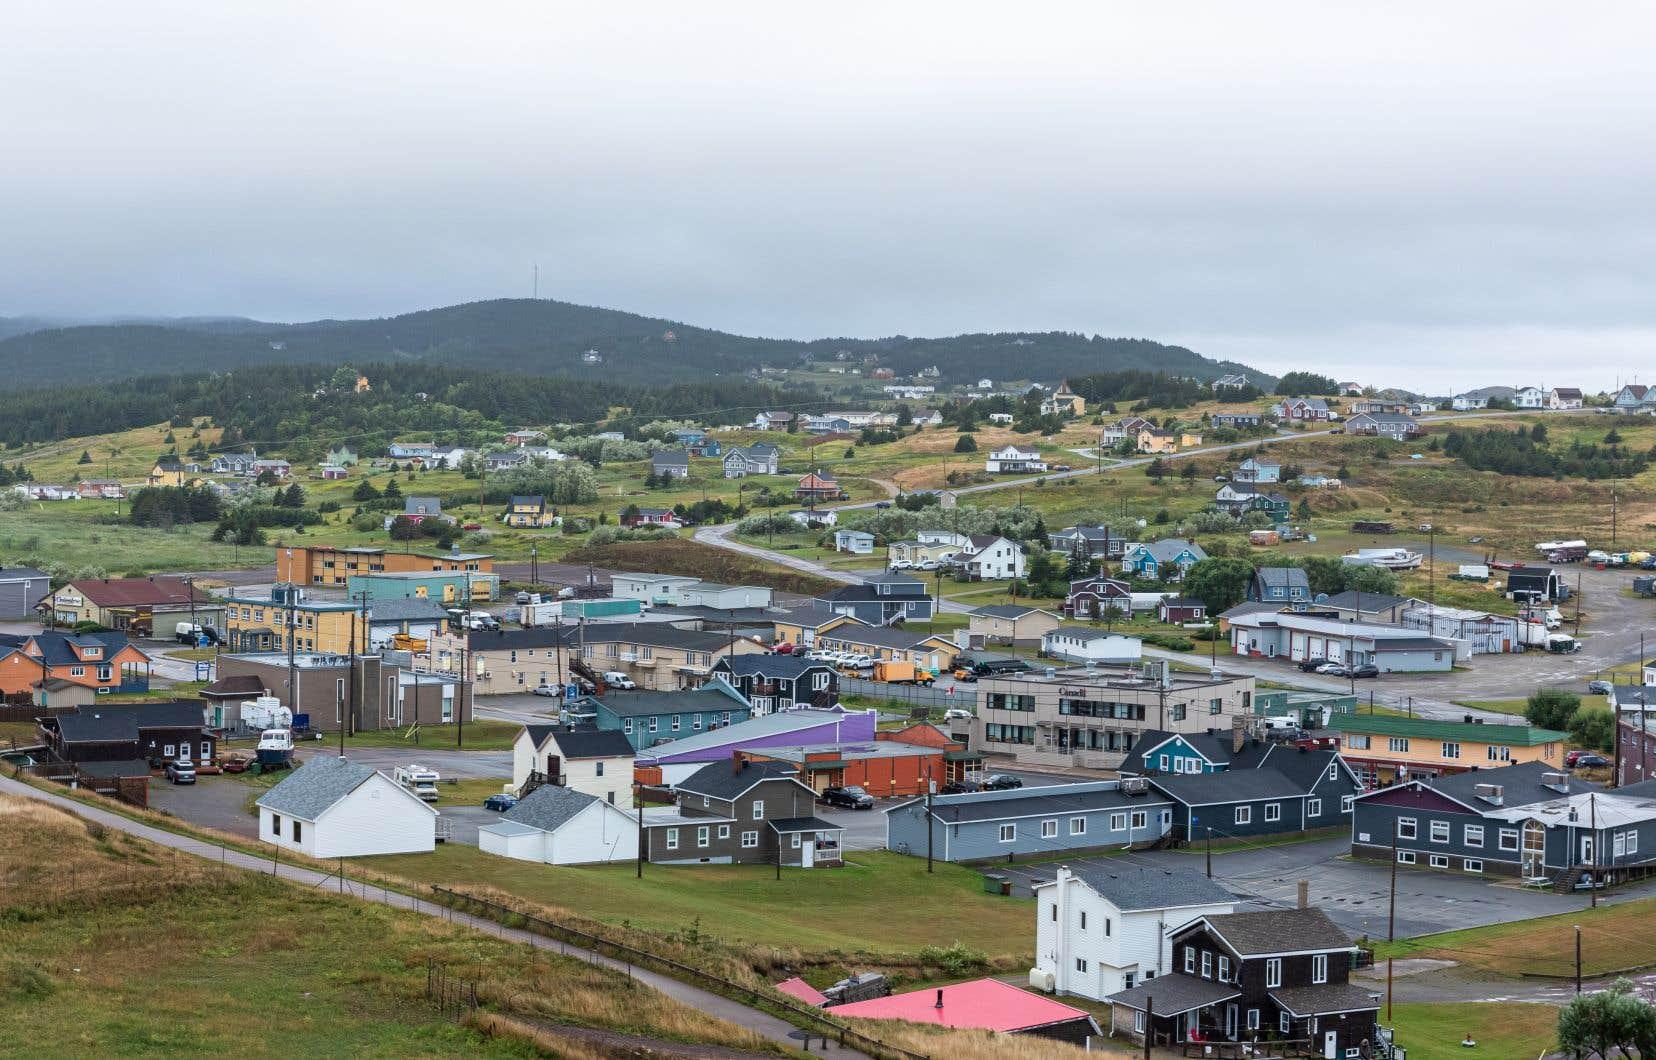 Aucune région n'est aussi affectée par ces problèmes que les Îles-de-la-Madeleine, où le taux d'inoccupation pour plusieurs types de logements se situe à 0%.